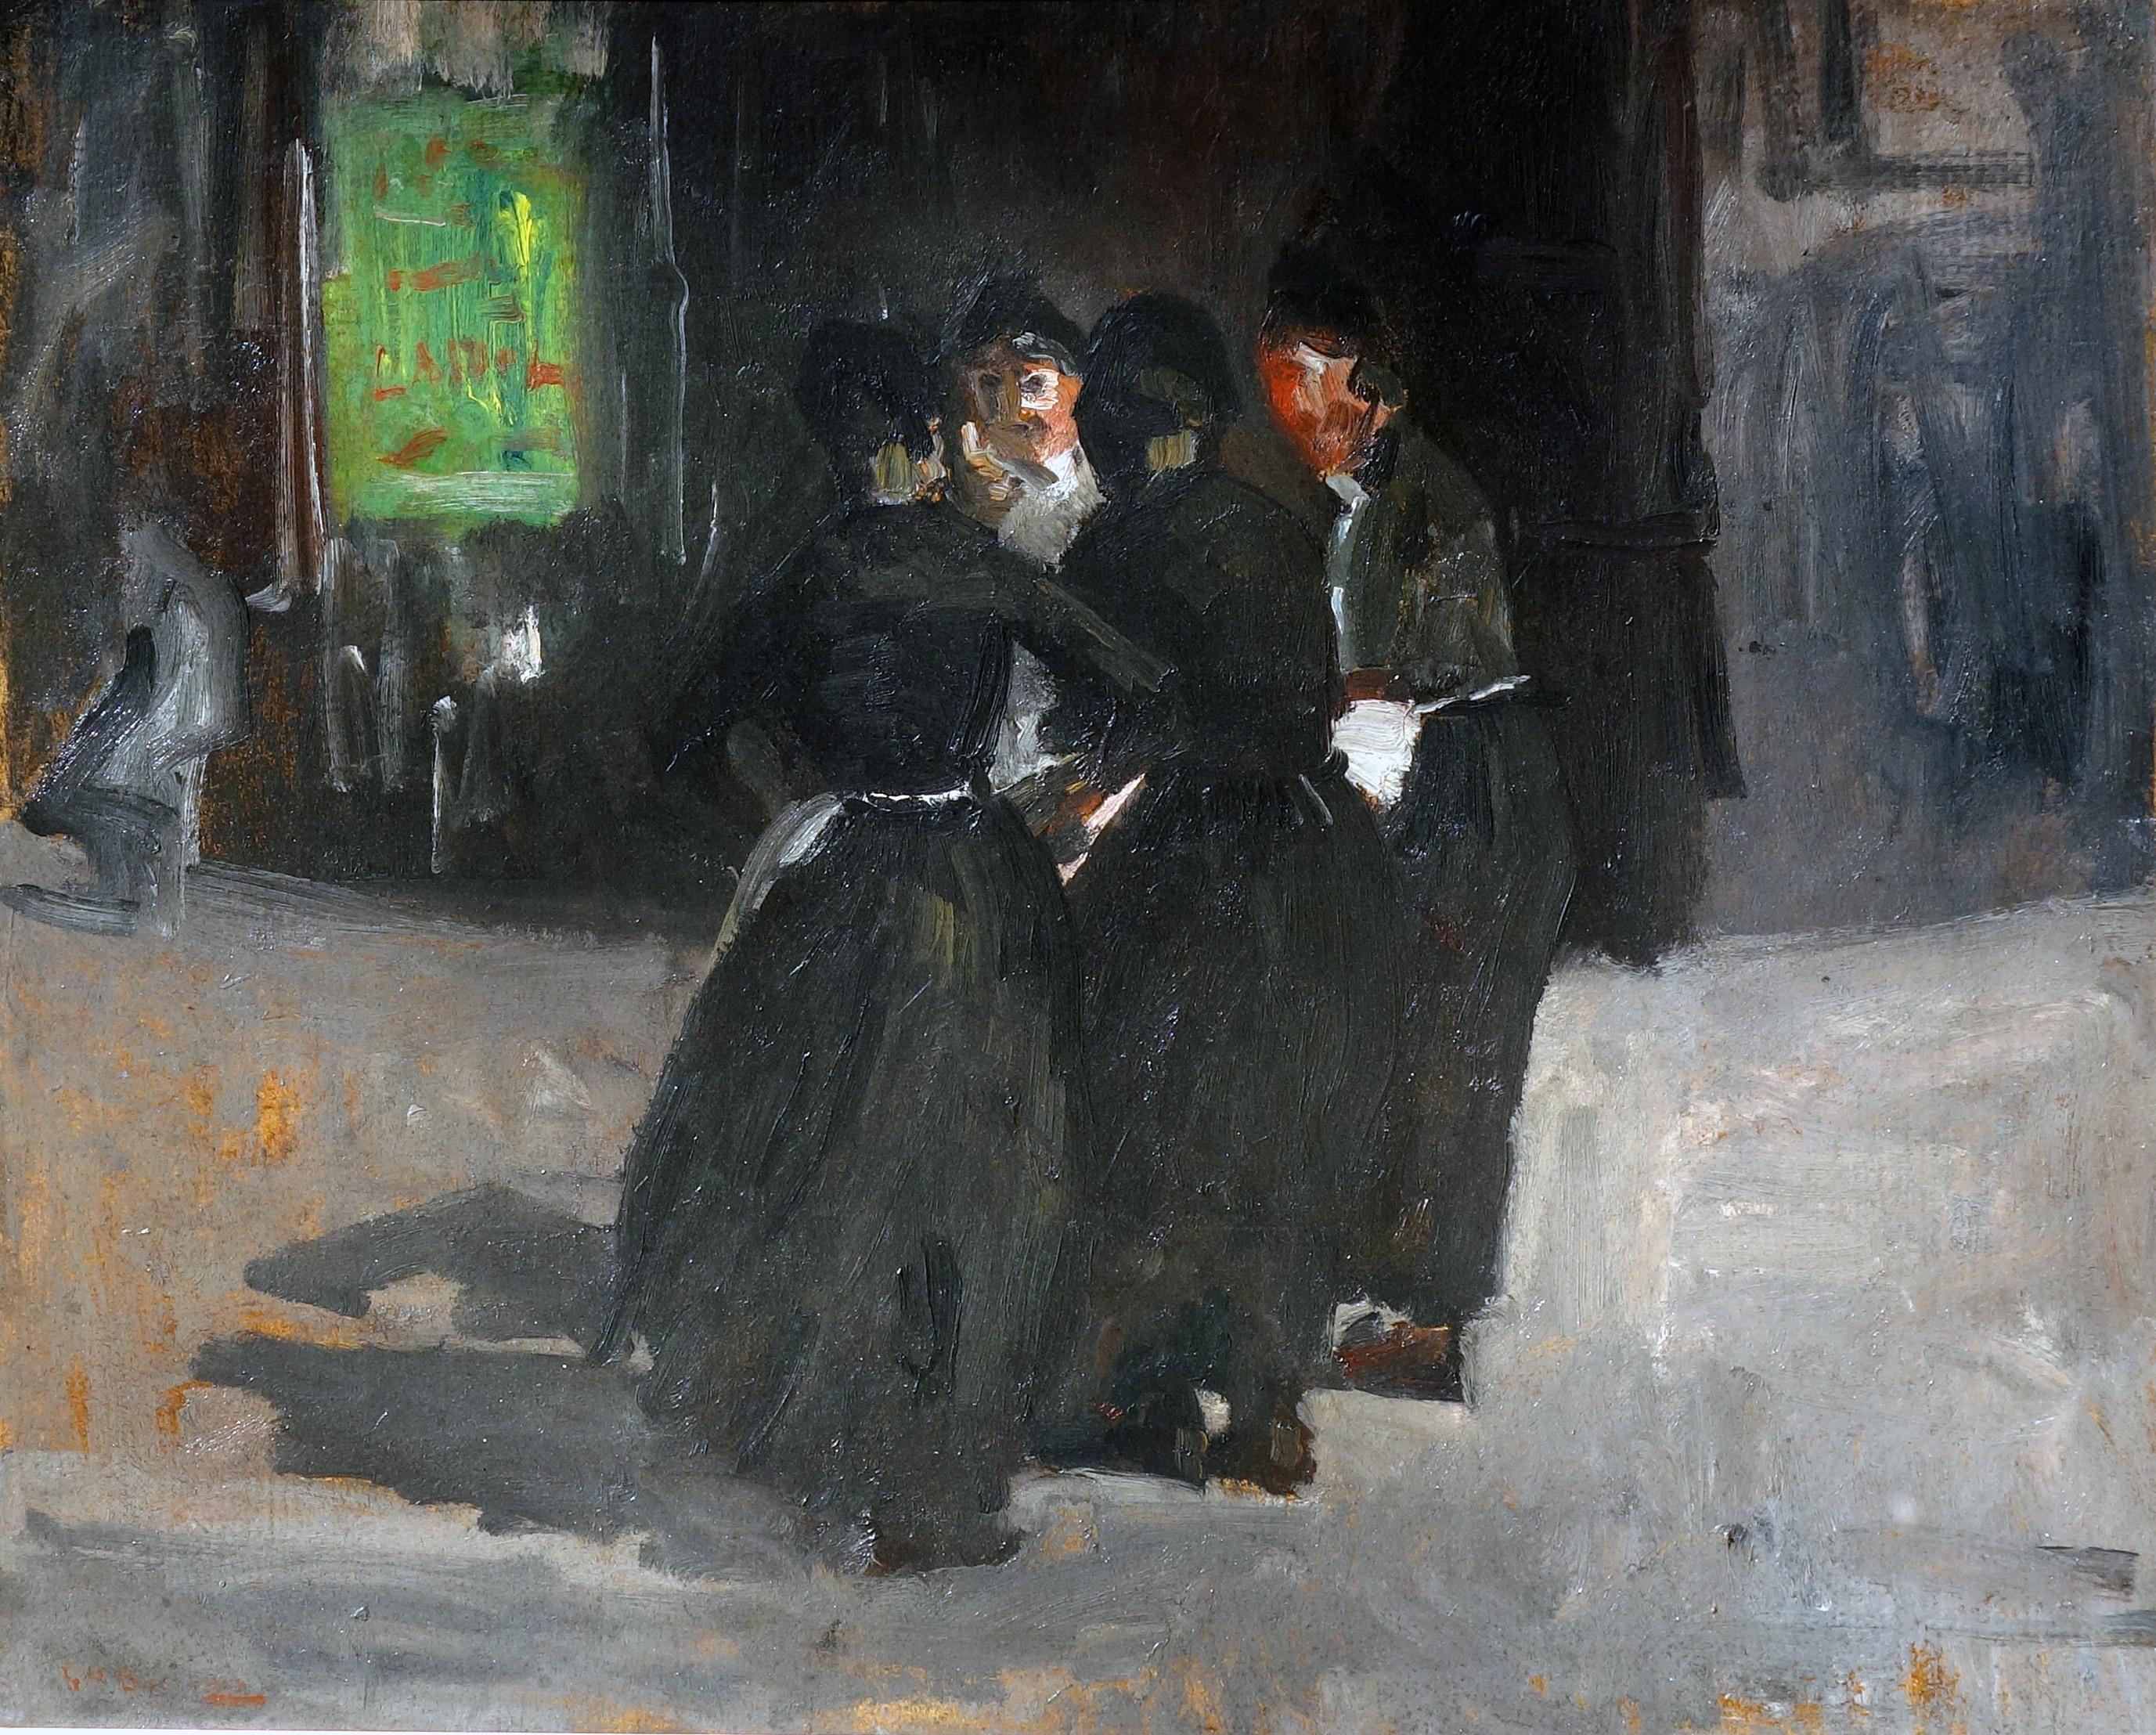 vier vrouwen in de wind- George Hendrik Breitner